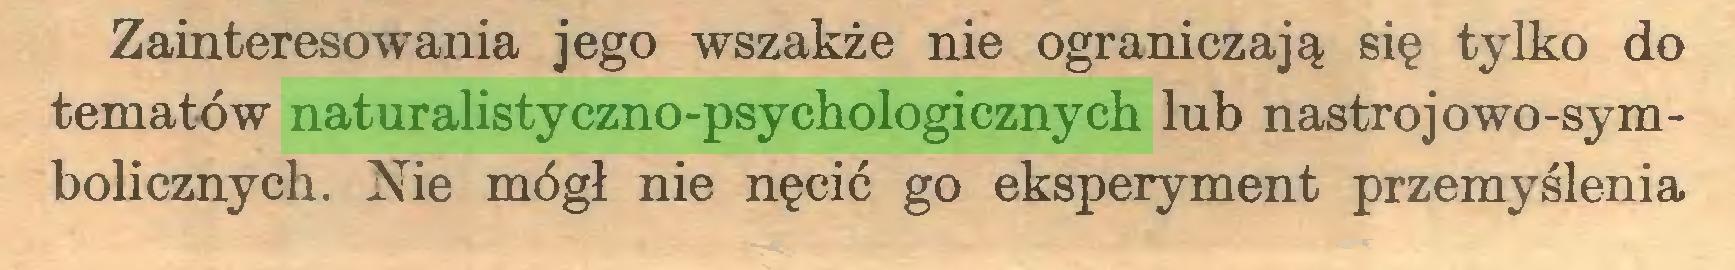 (...) Zainteresowania jego wszakże nie ograniczają się tylko do tematów naturalistyczno-psychologicznych lub nastrojowo-symbolicznych. Nie mógł nie nęcić go eksperyment przemyślenia...